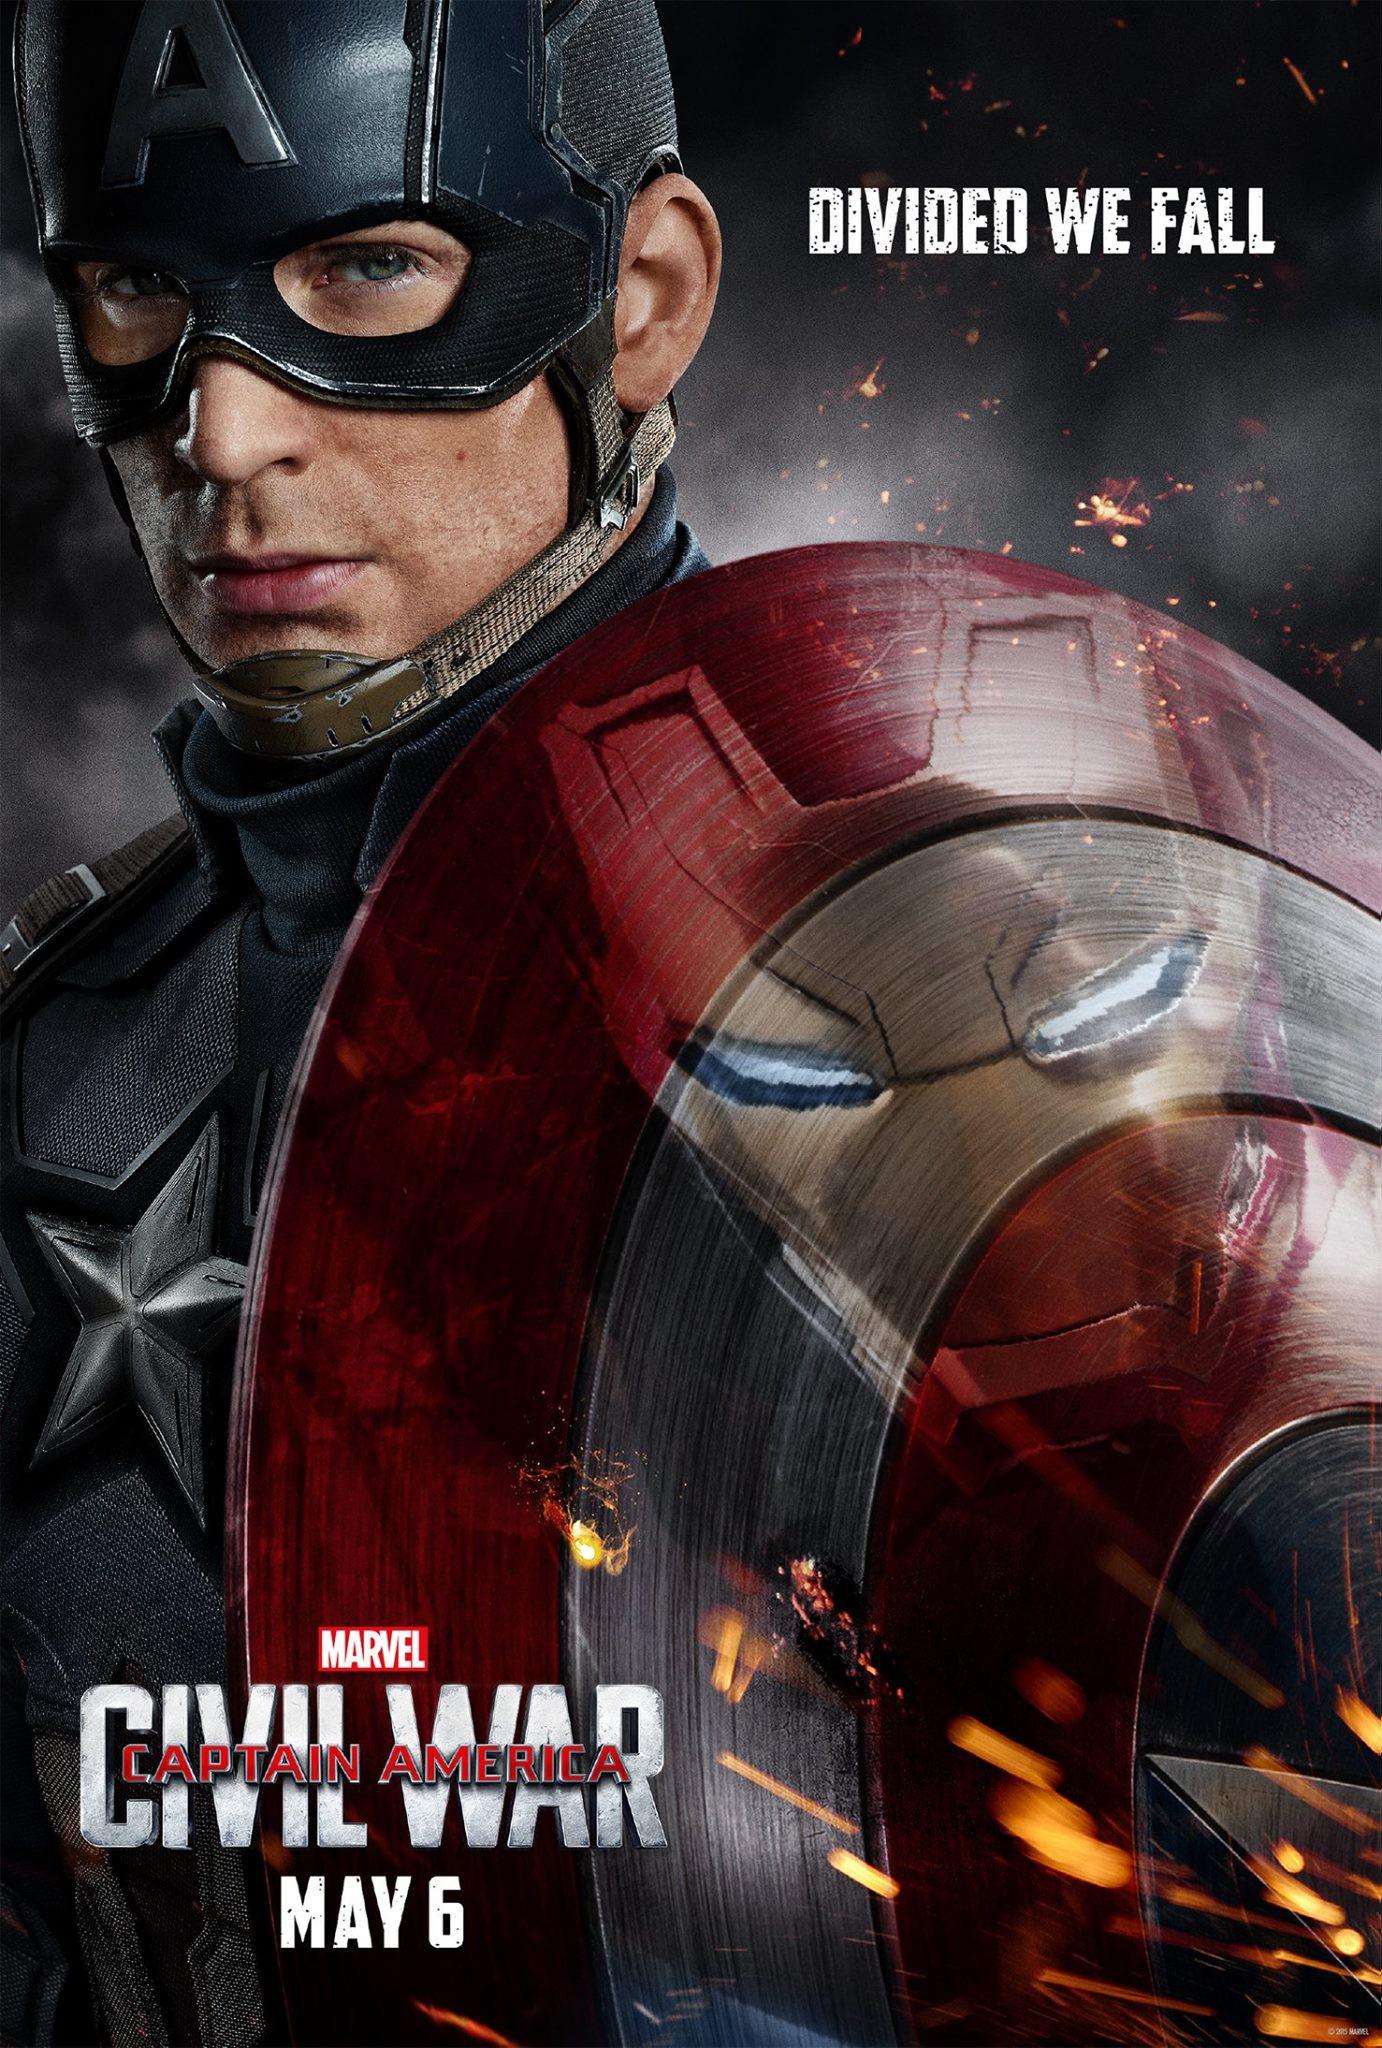 civilwar-poster1